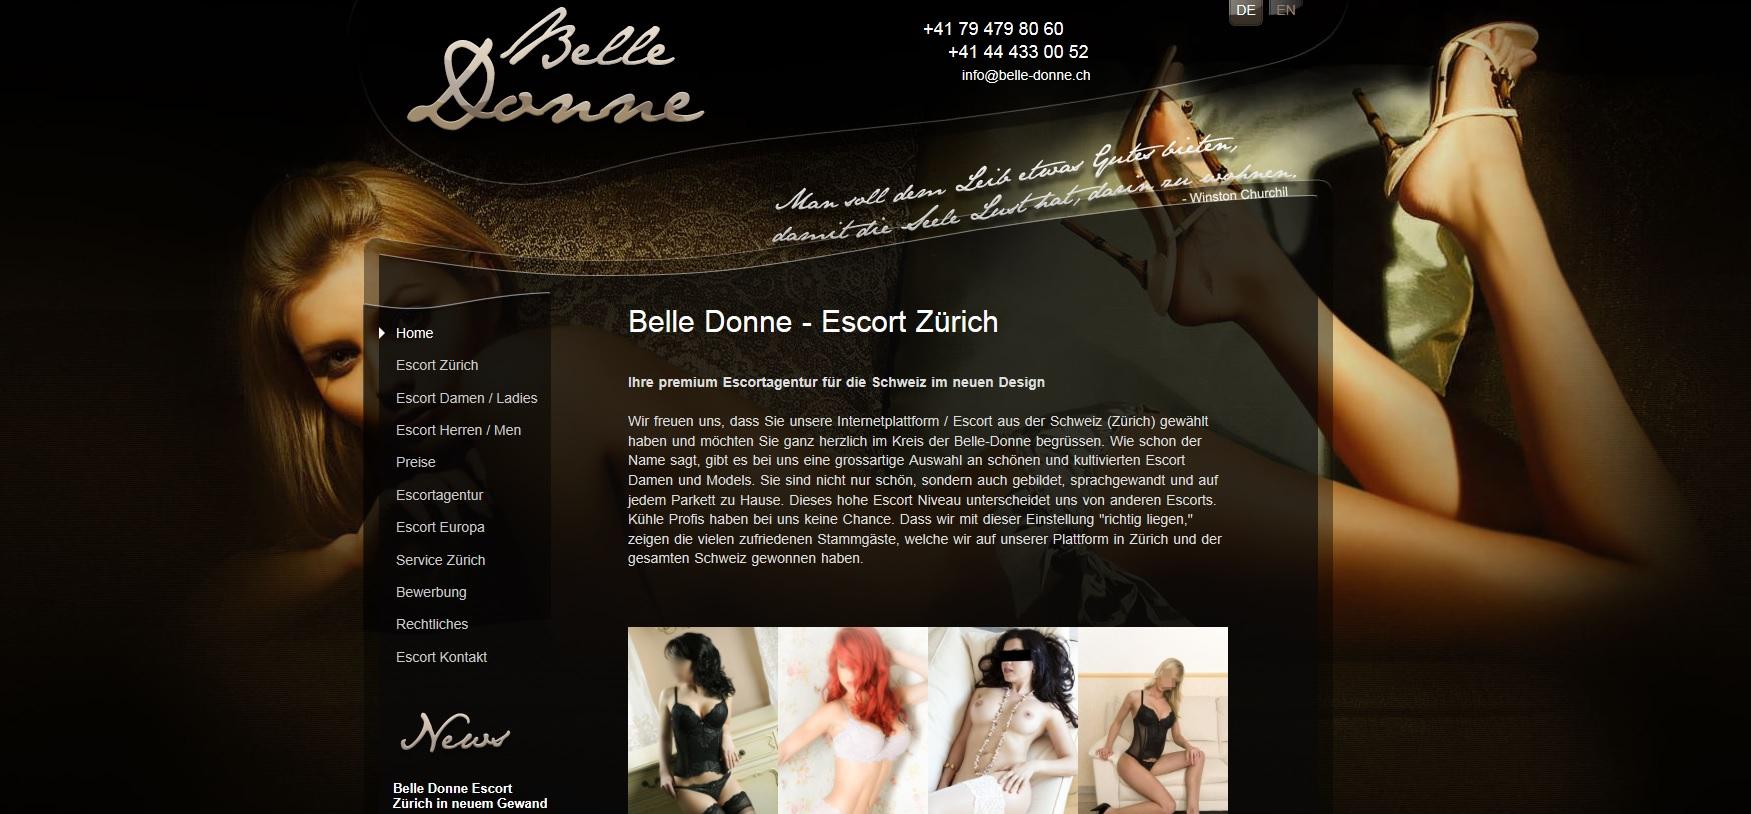 Belle Donne